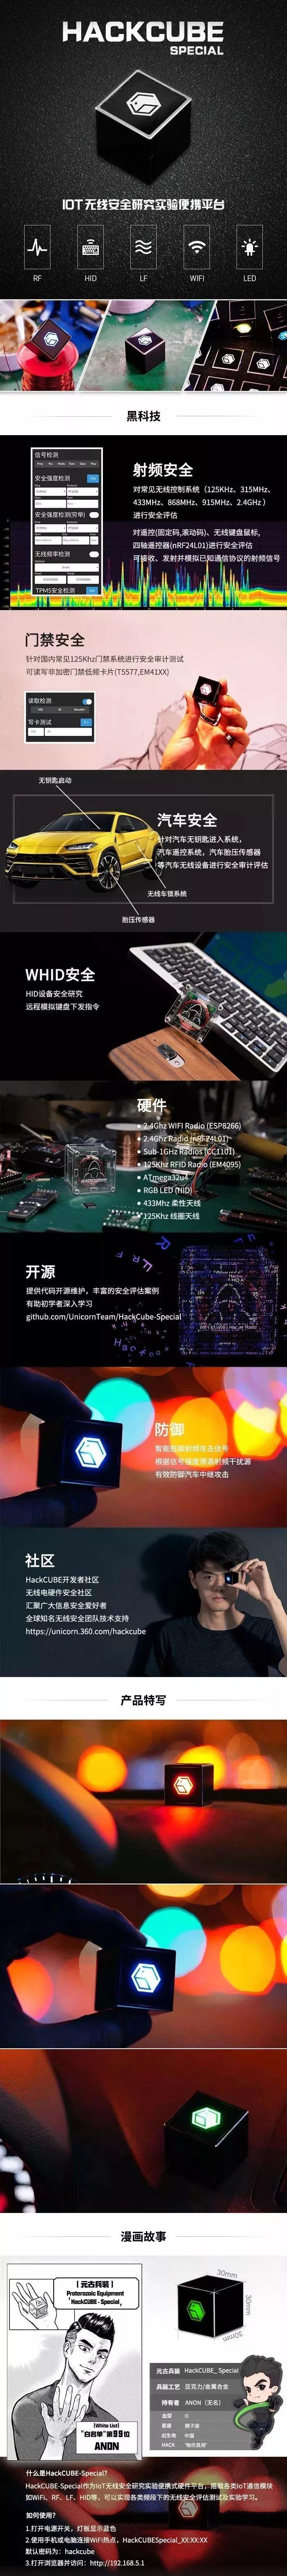 HackCUBE-Special IoT无线安全研究实验便携平台使用方法